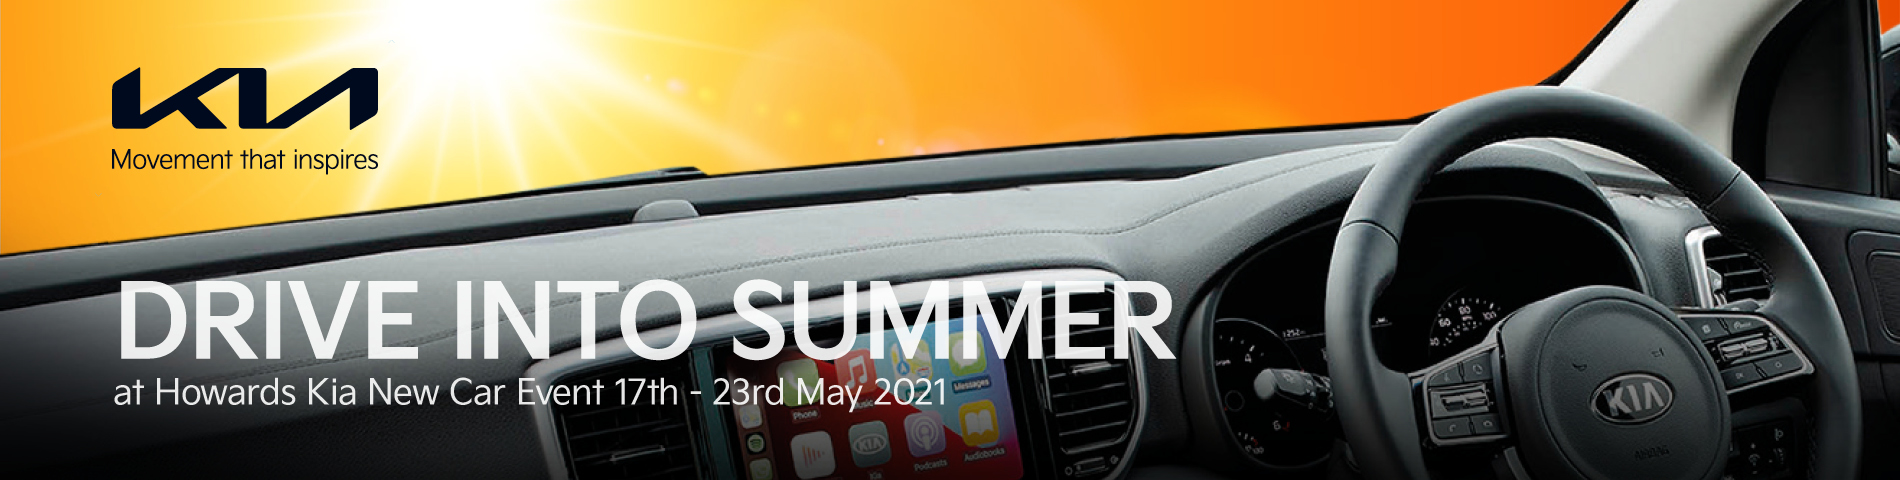 Howards Kia Drive Into Summer